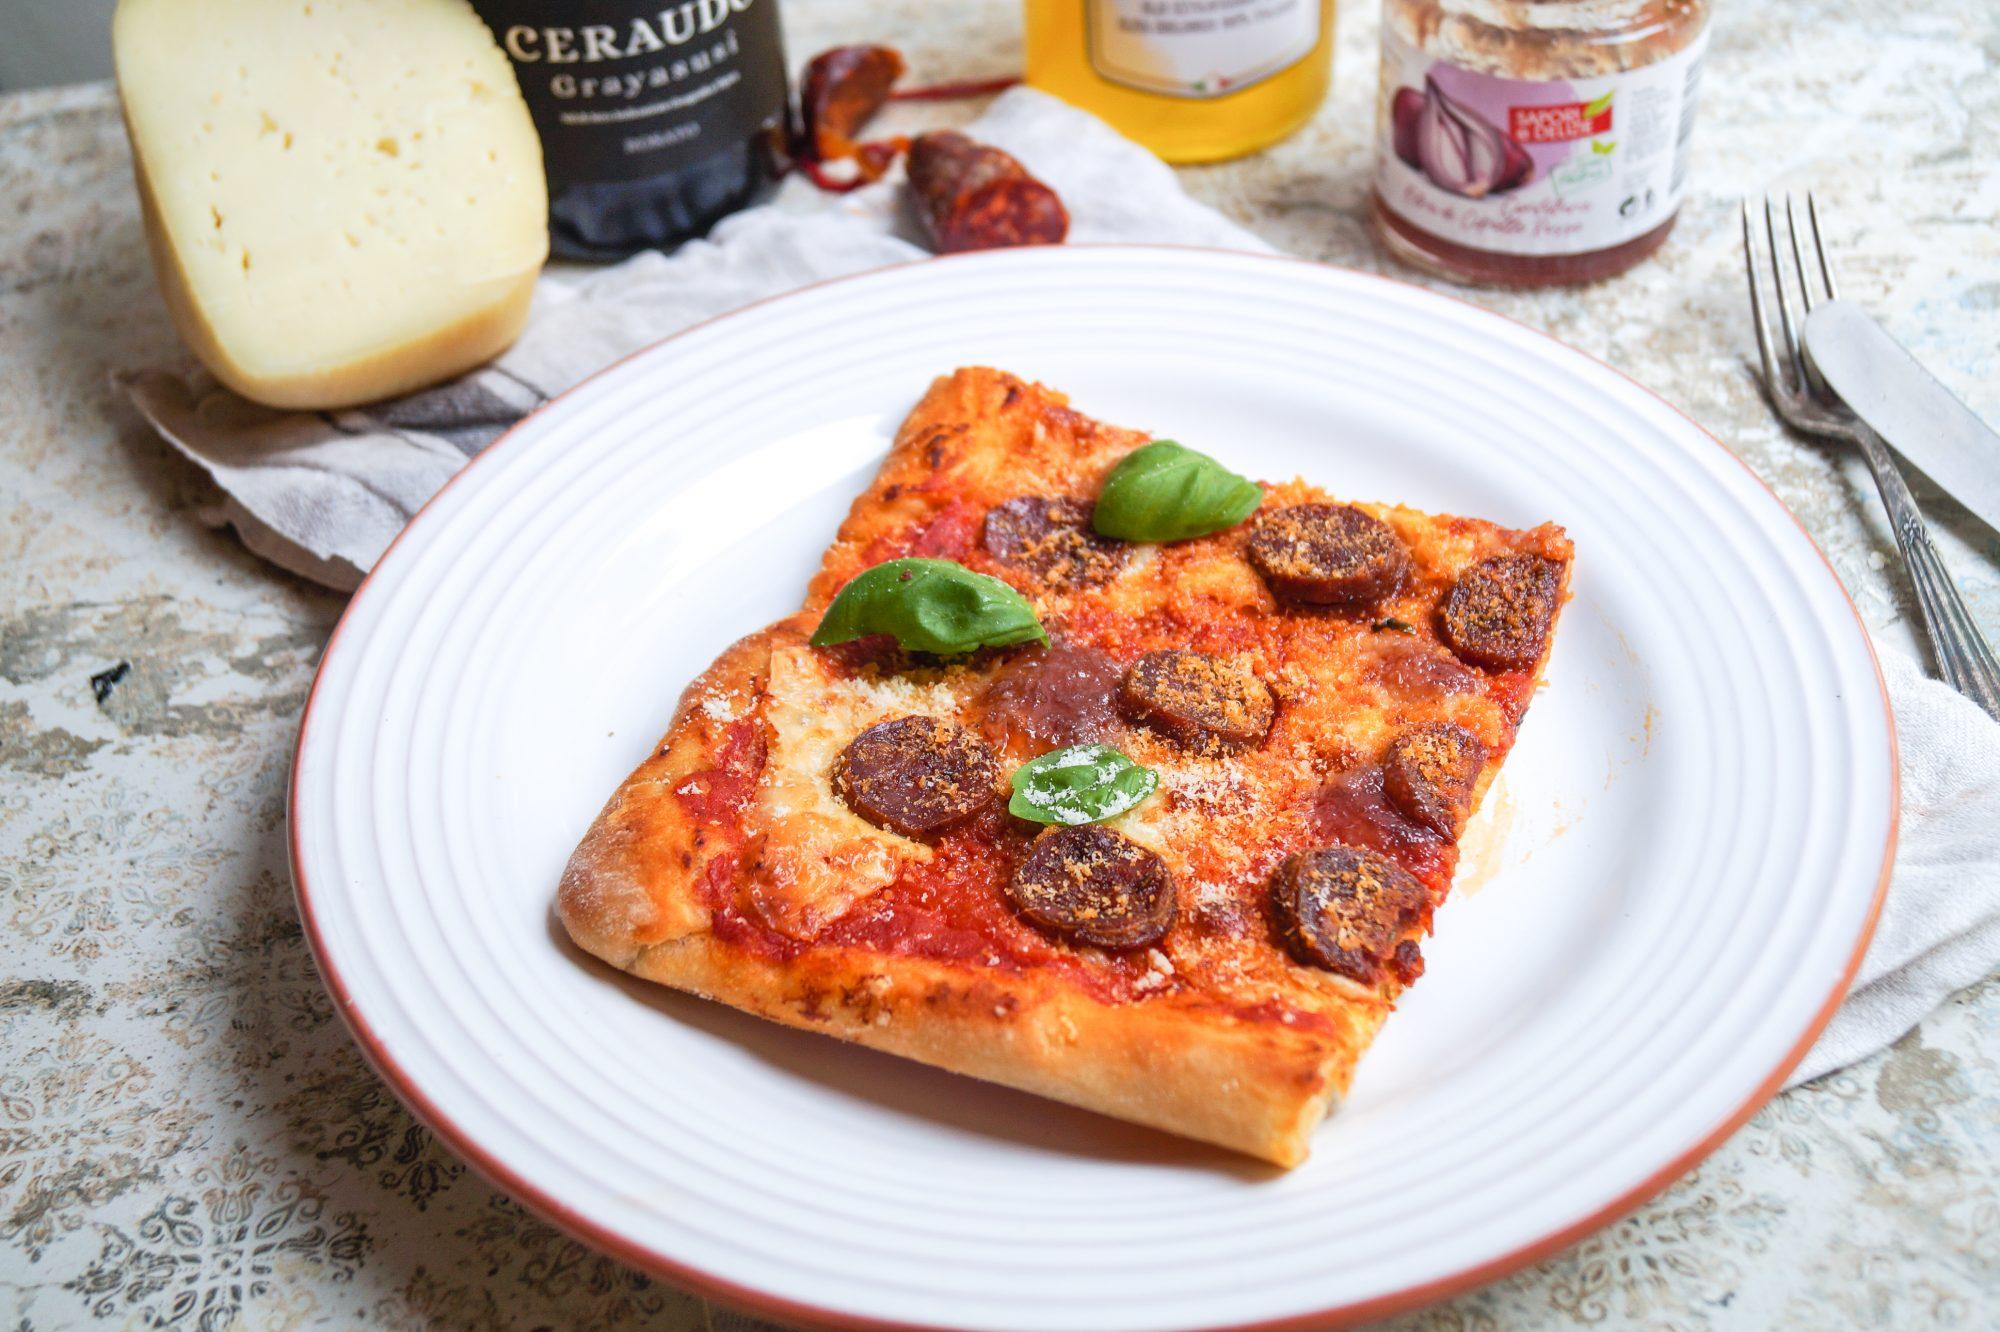 Pizza al Teglia alla calabrese